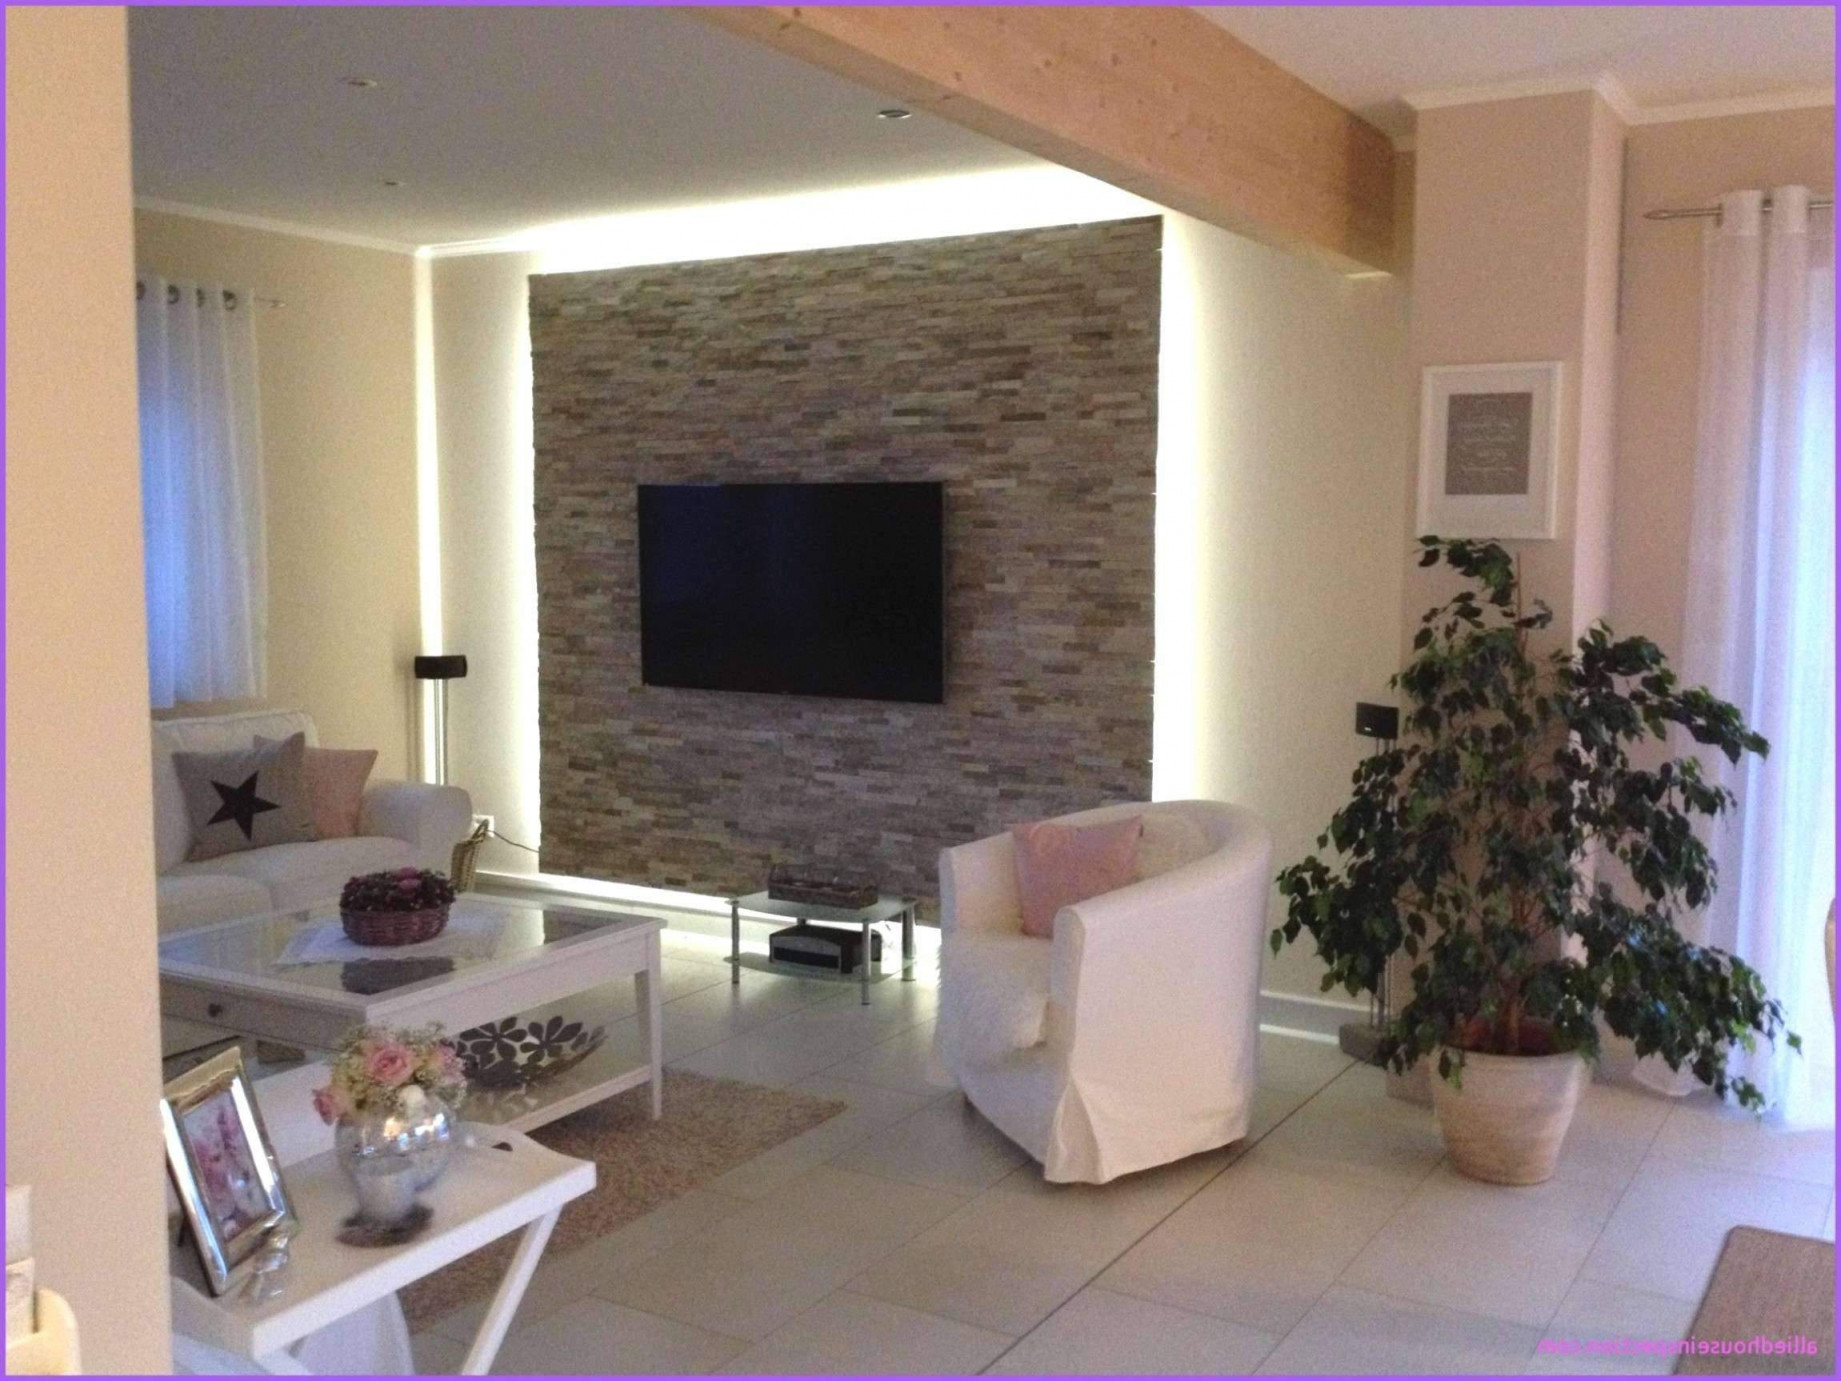 33 Reizend Wohnzimmer Ideen Wandgestaltung Streifen Schön von Ideen Für Wandgestaltung Wohnzimmer Bild